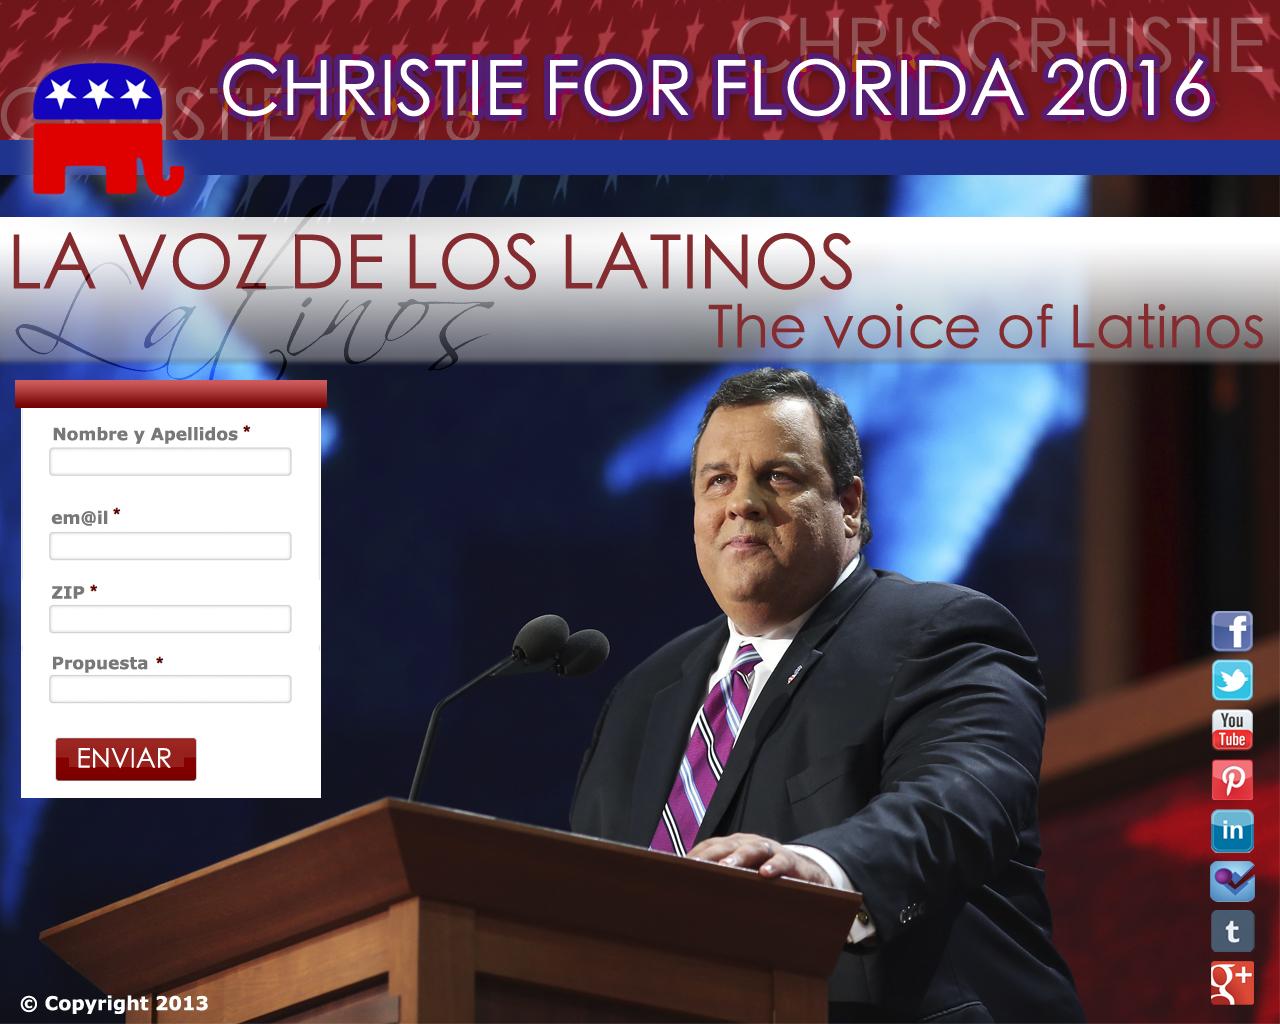 Mi campaña para Chris Christie gana el Certamen Promesas Electorales